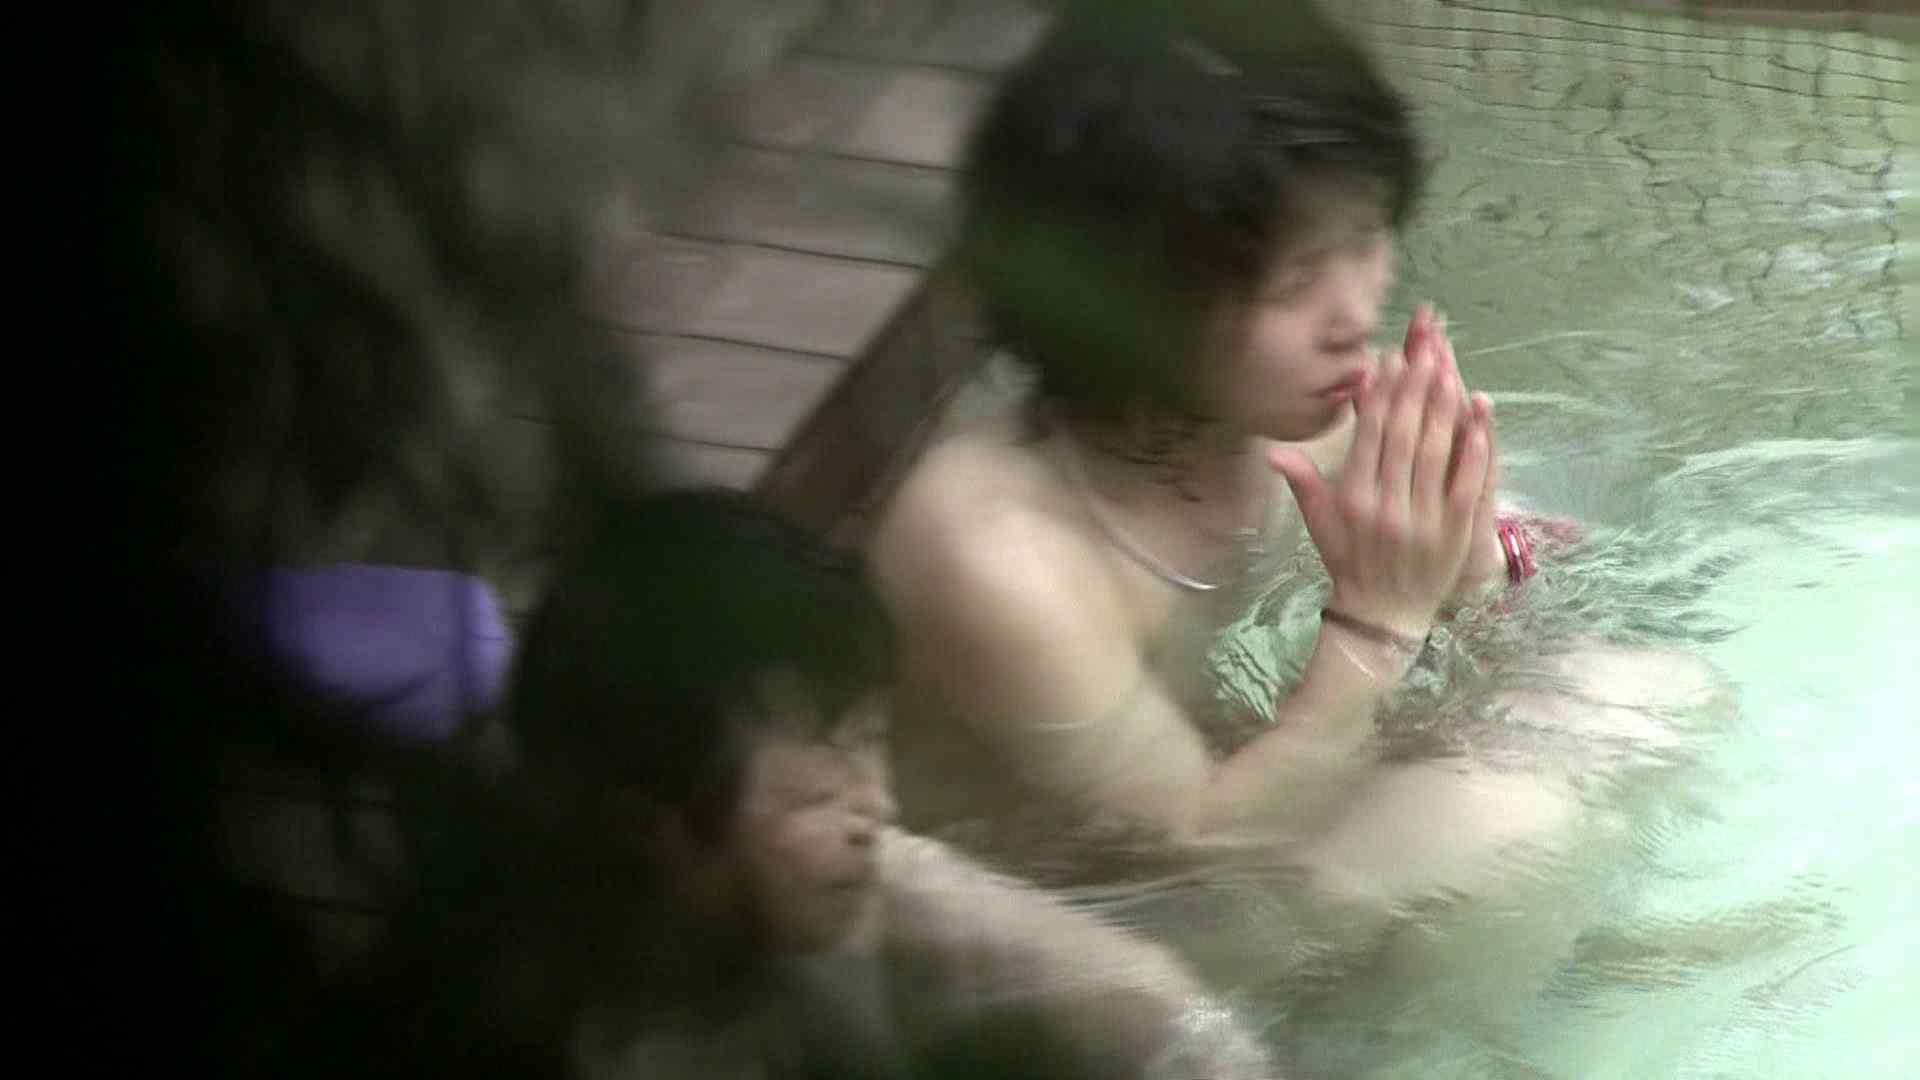 Aquaな露天風呂Vol.655 盗撮  70画像 30